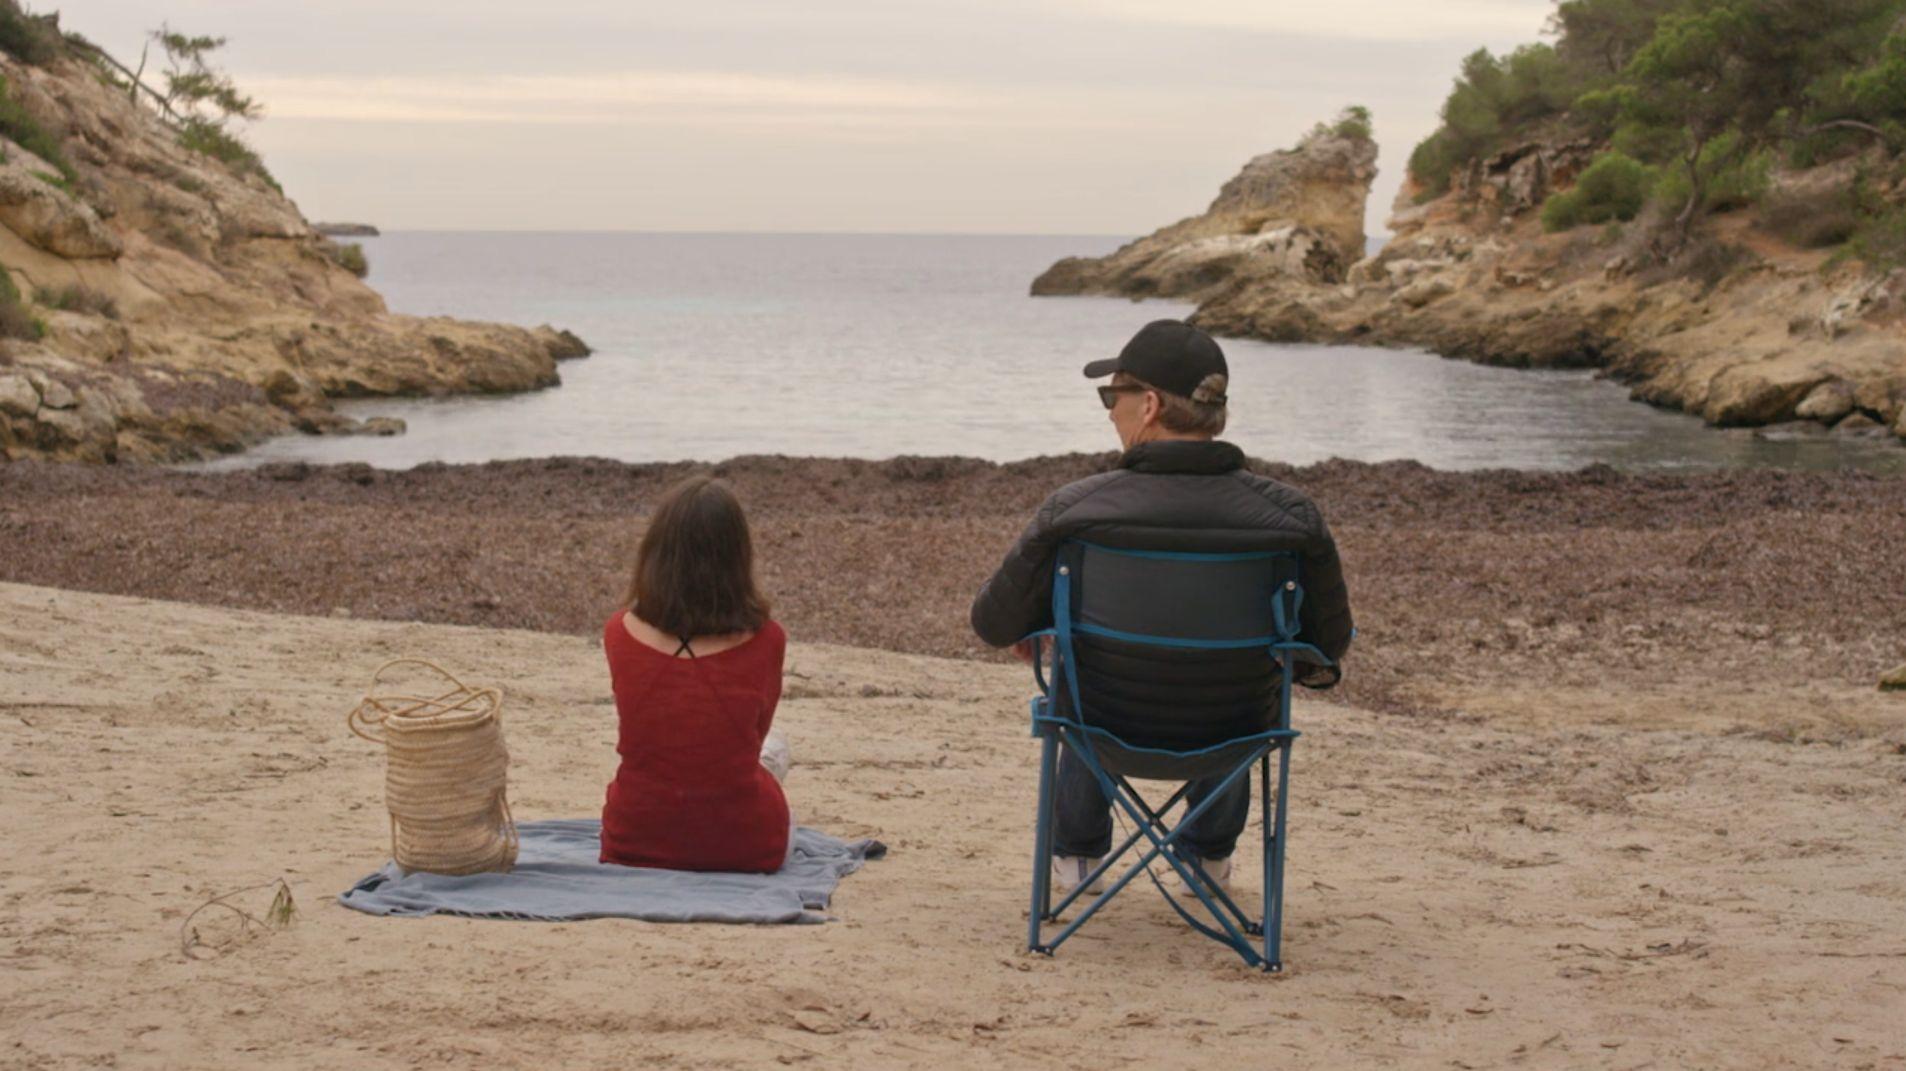 Szenenbild aus dem Film Baumbacher Syndrome - zwei Menschen sitzen nebeneinander am Meer - Sicht von hinten